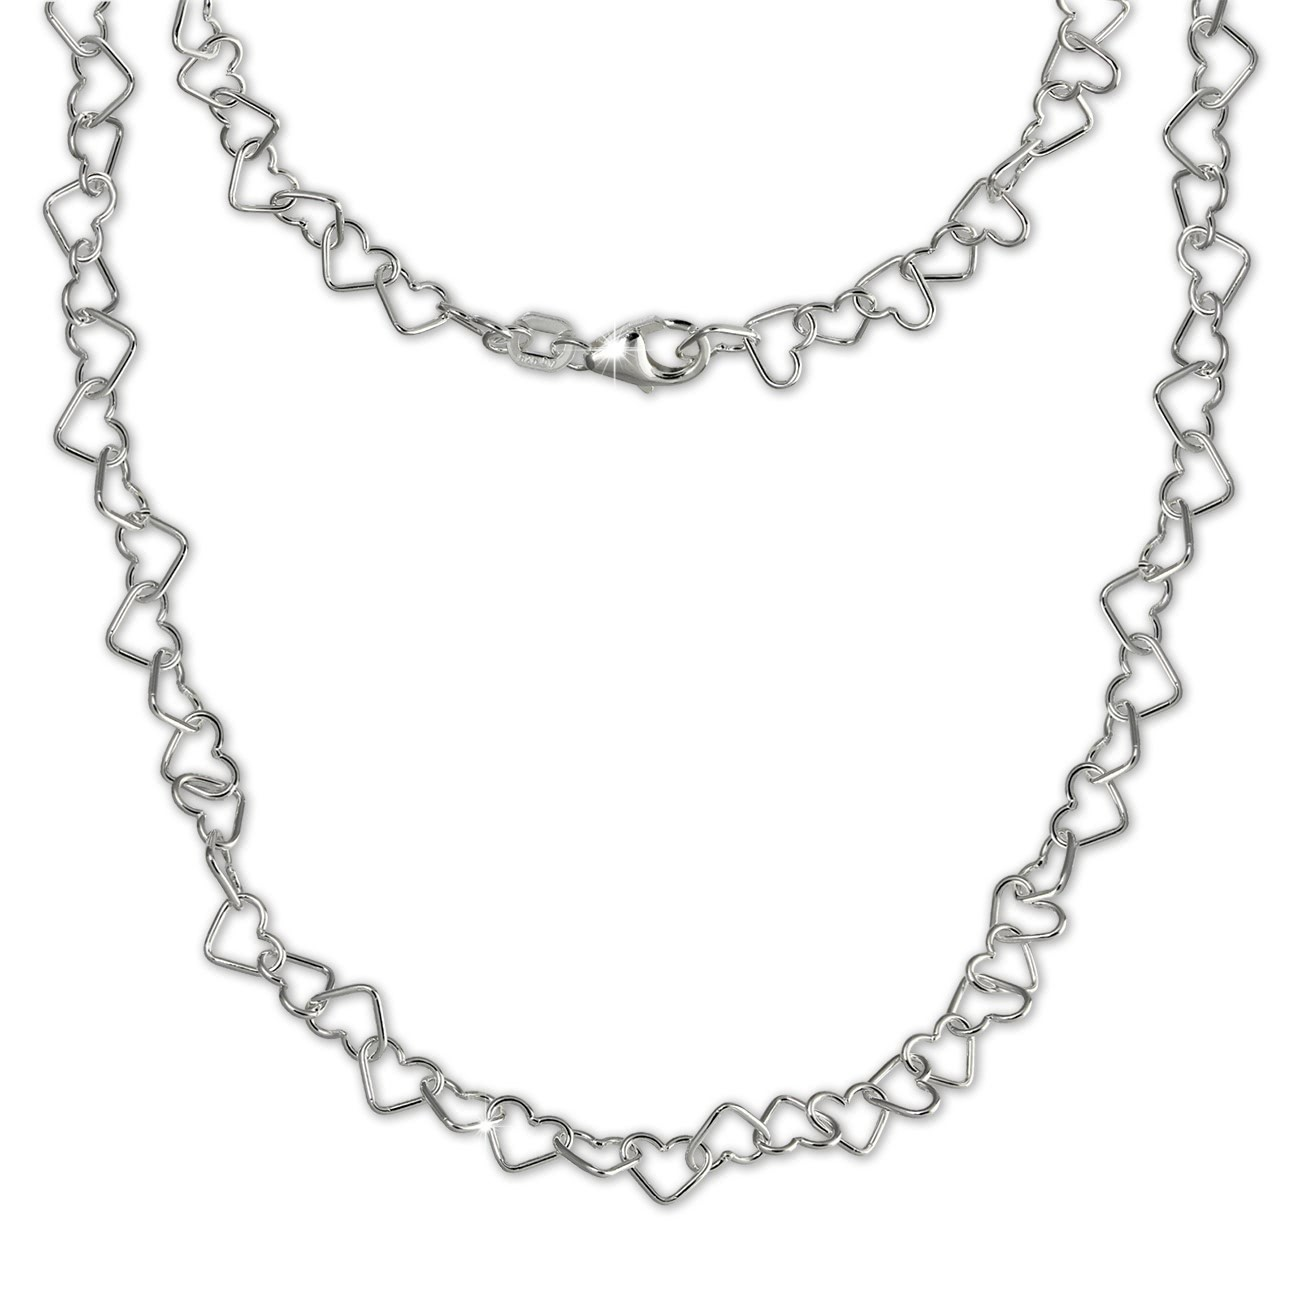 SilberDream Damen Kette Herzchen 925er Silber 45cm Damen Halskette SDK27546J